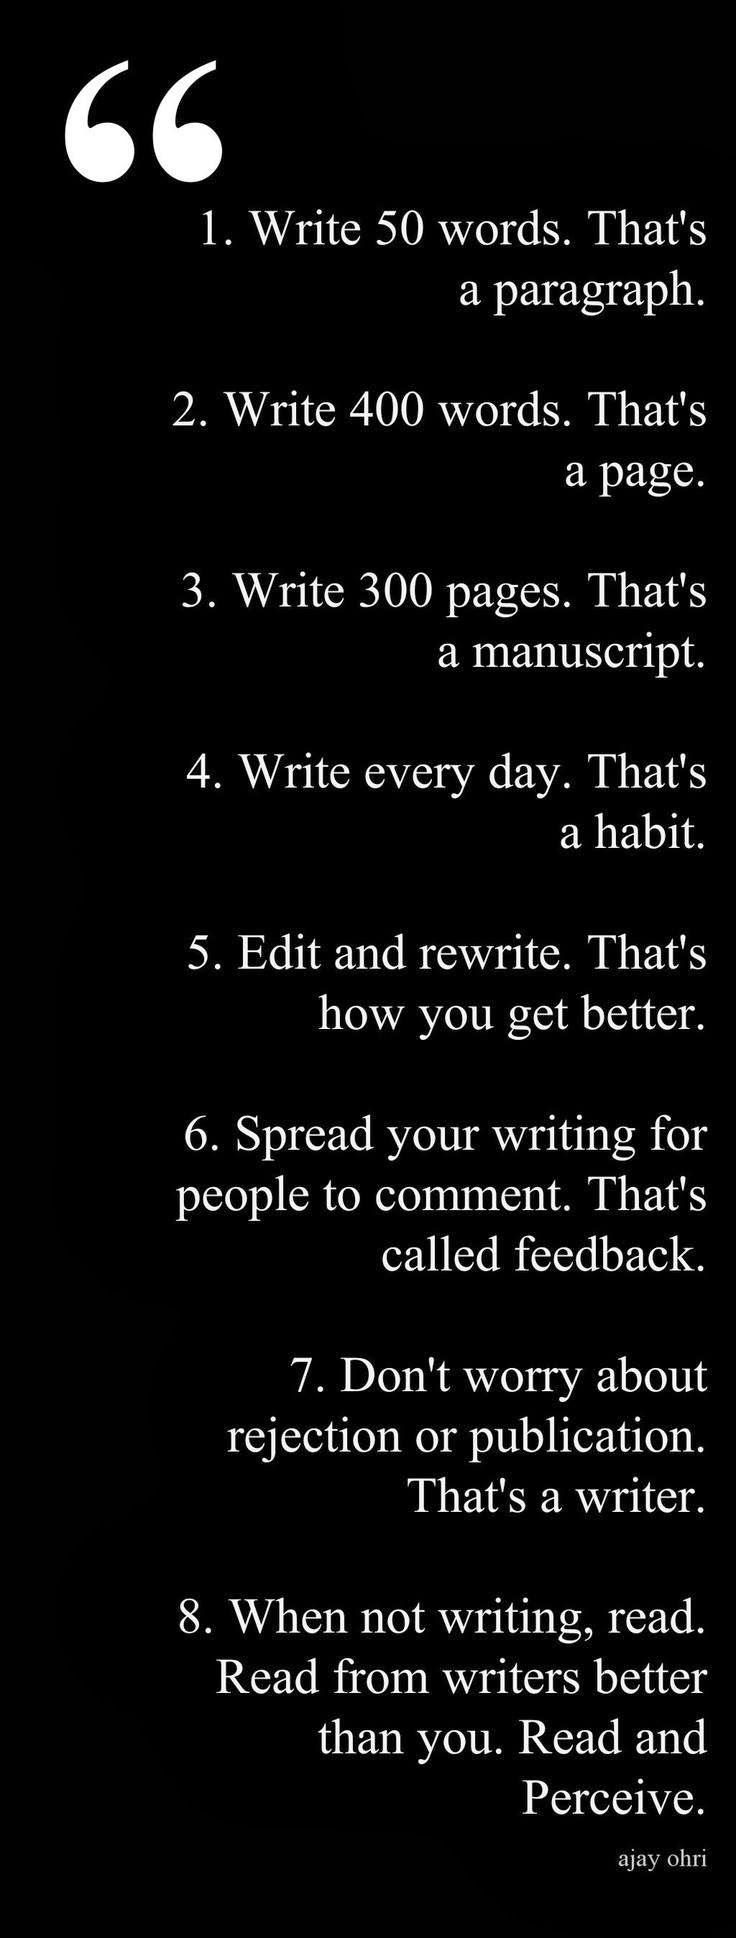 Writing Tips - Ajay Ohri